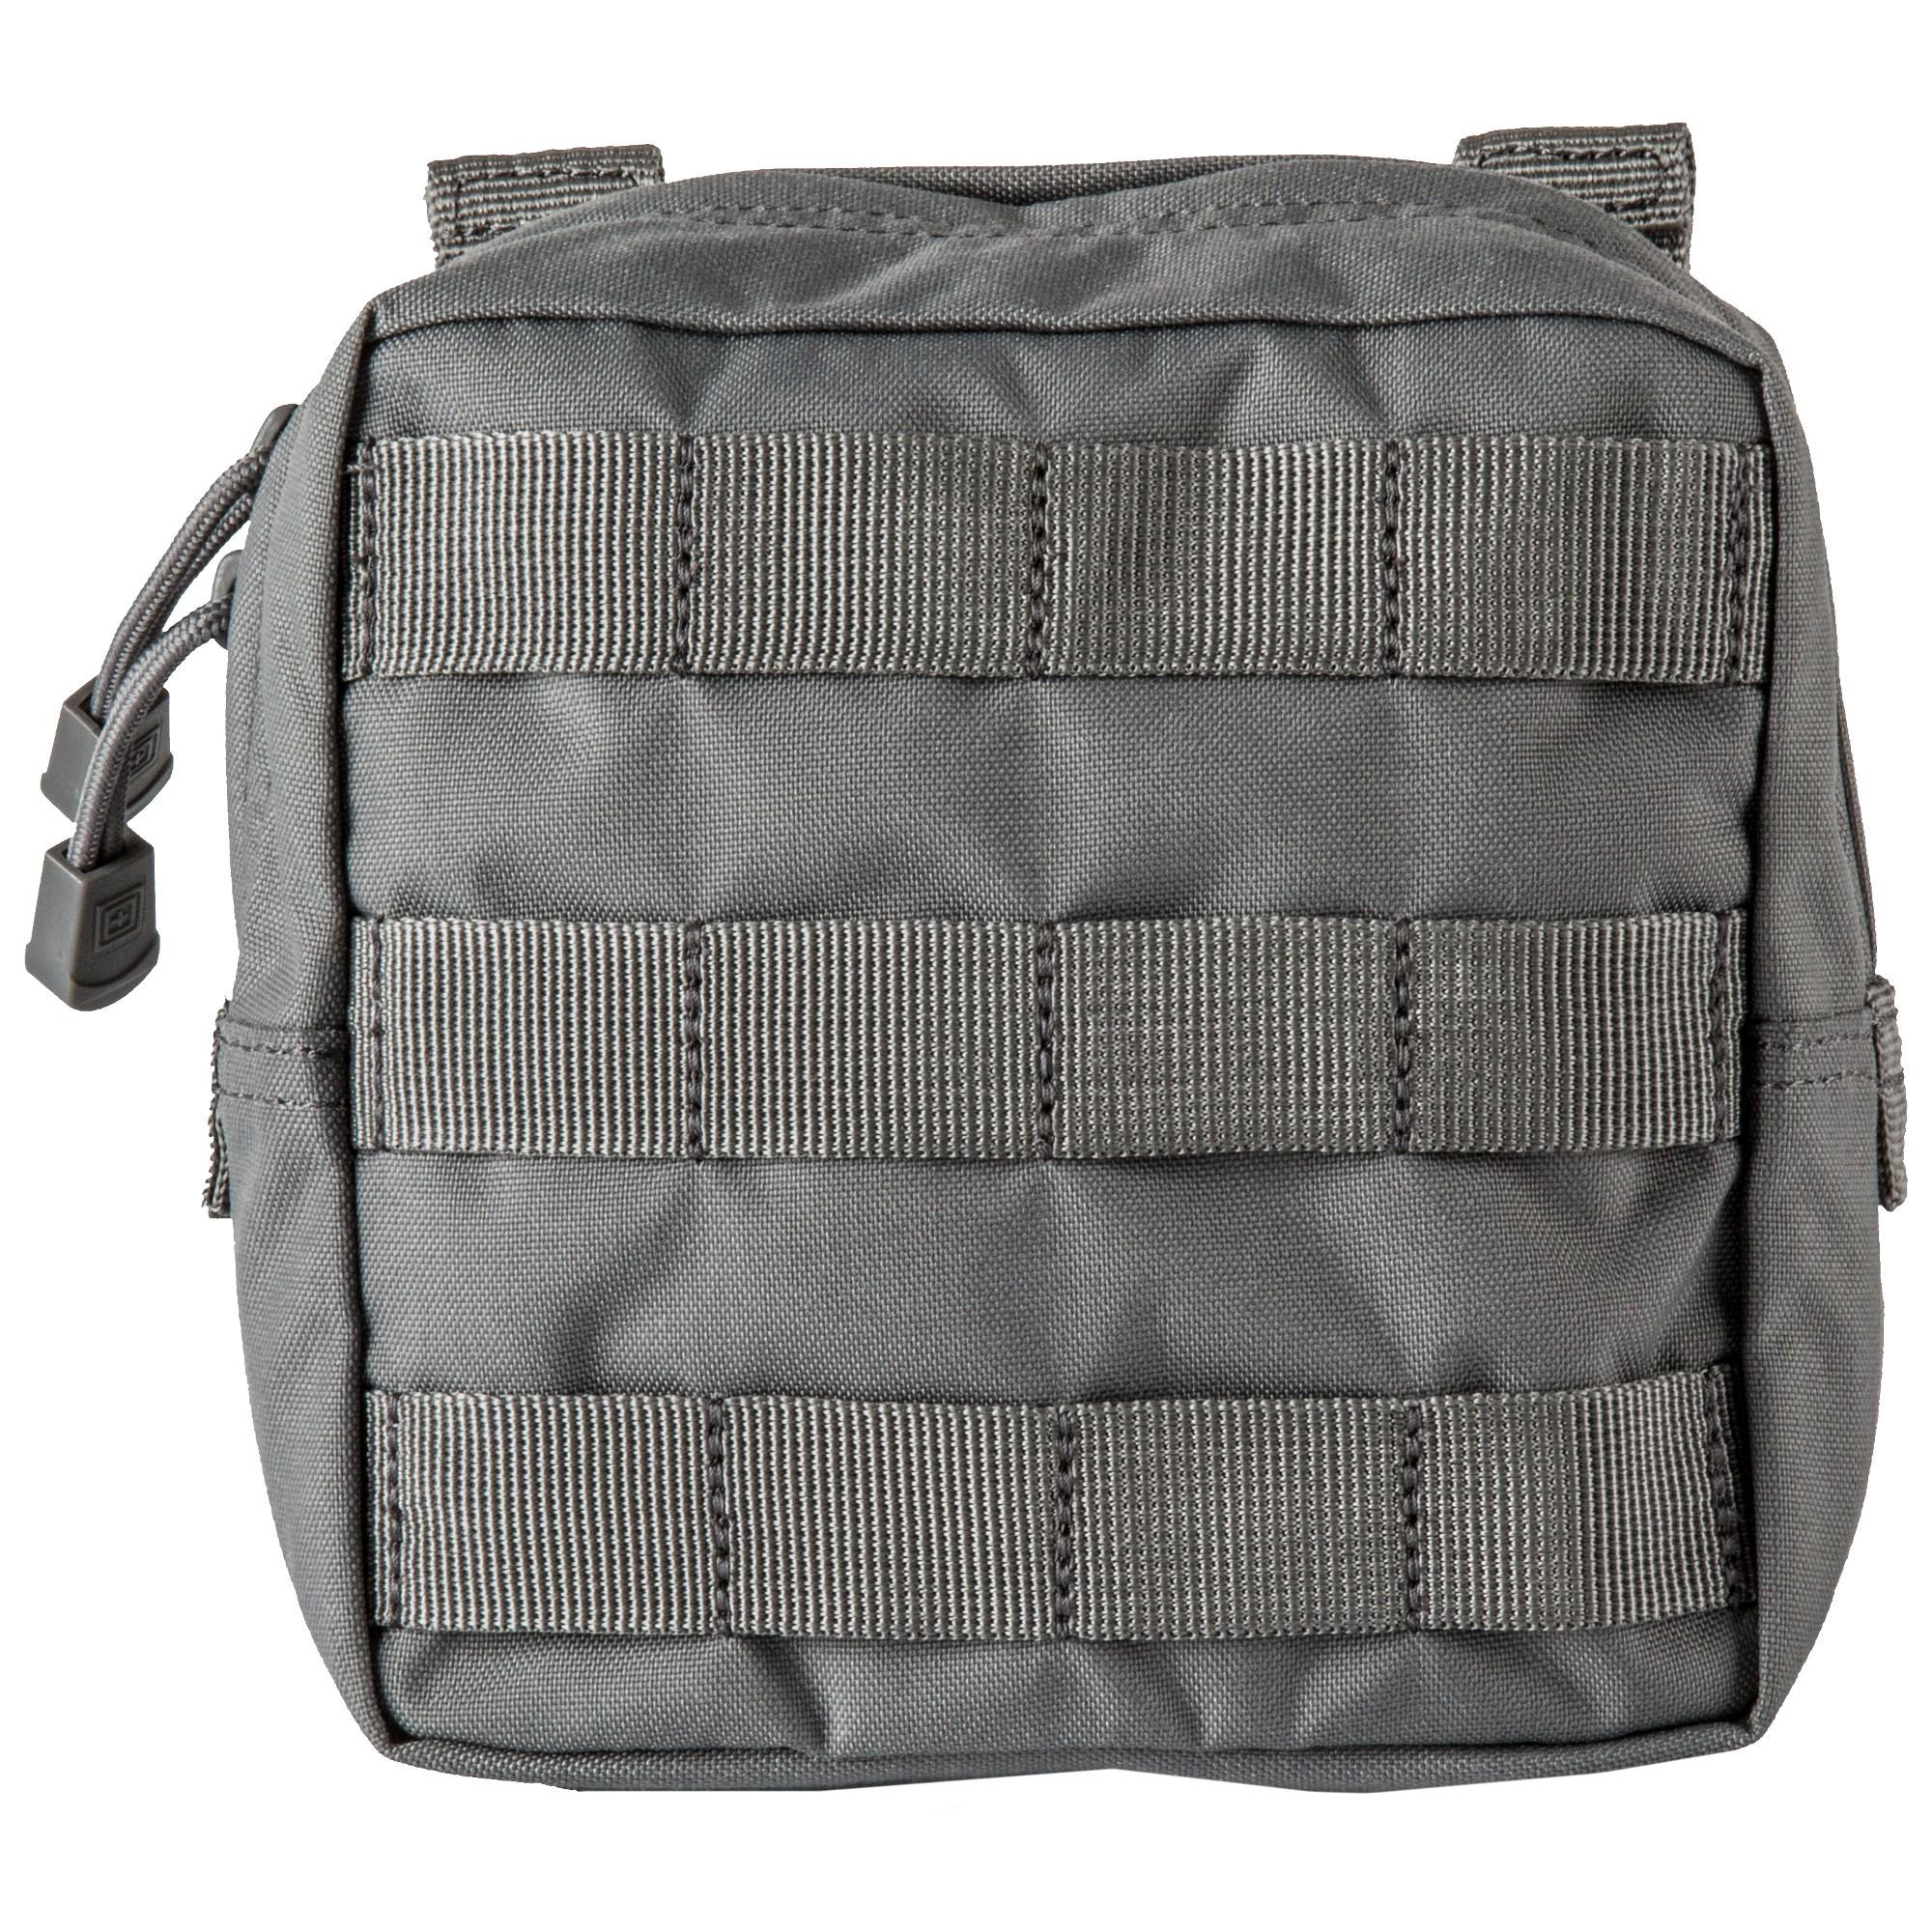 e80d160937d 5.11 Tactical 6.6 Carry Pouch